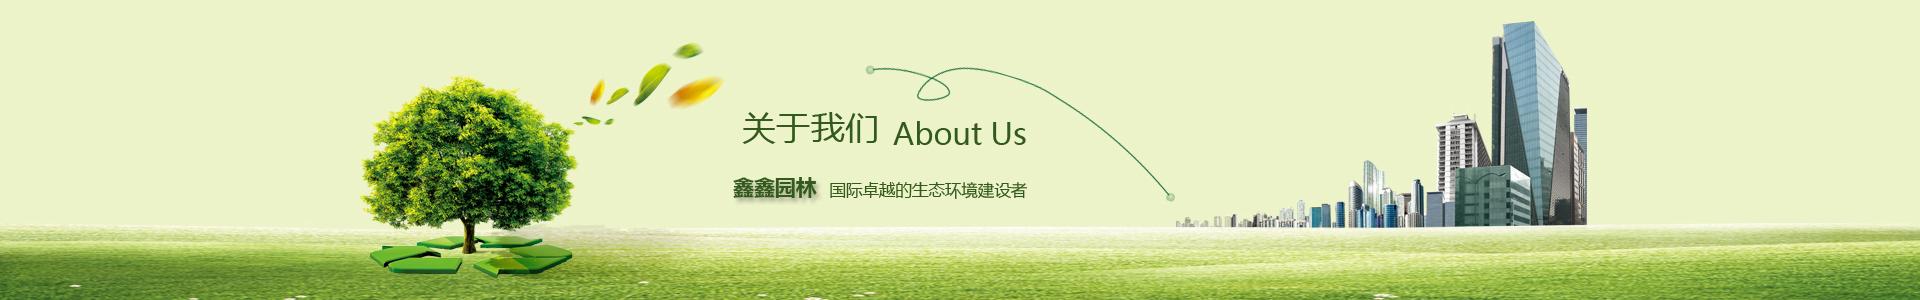 鑫鑫园林,关于我们